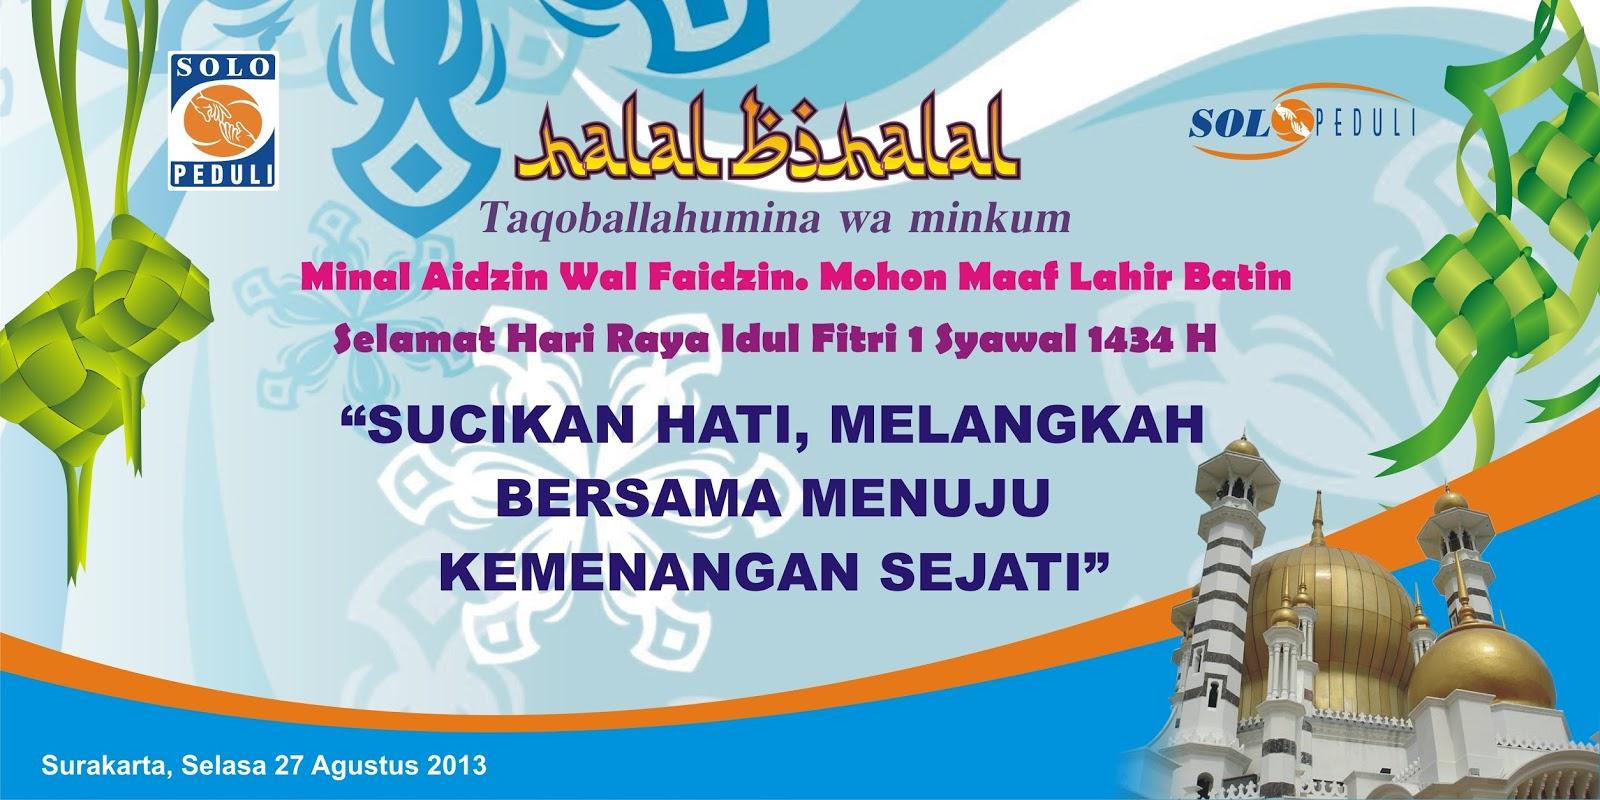 Hadila Grafika Utama Back Drop Halal Bihalal